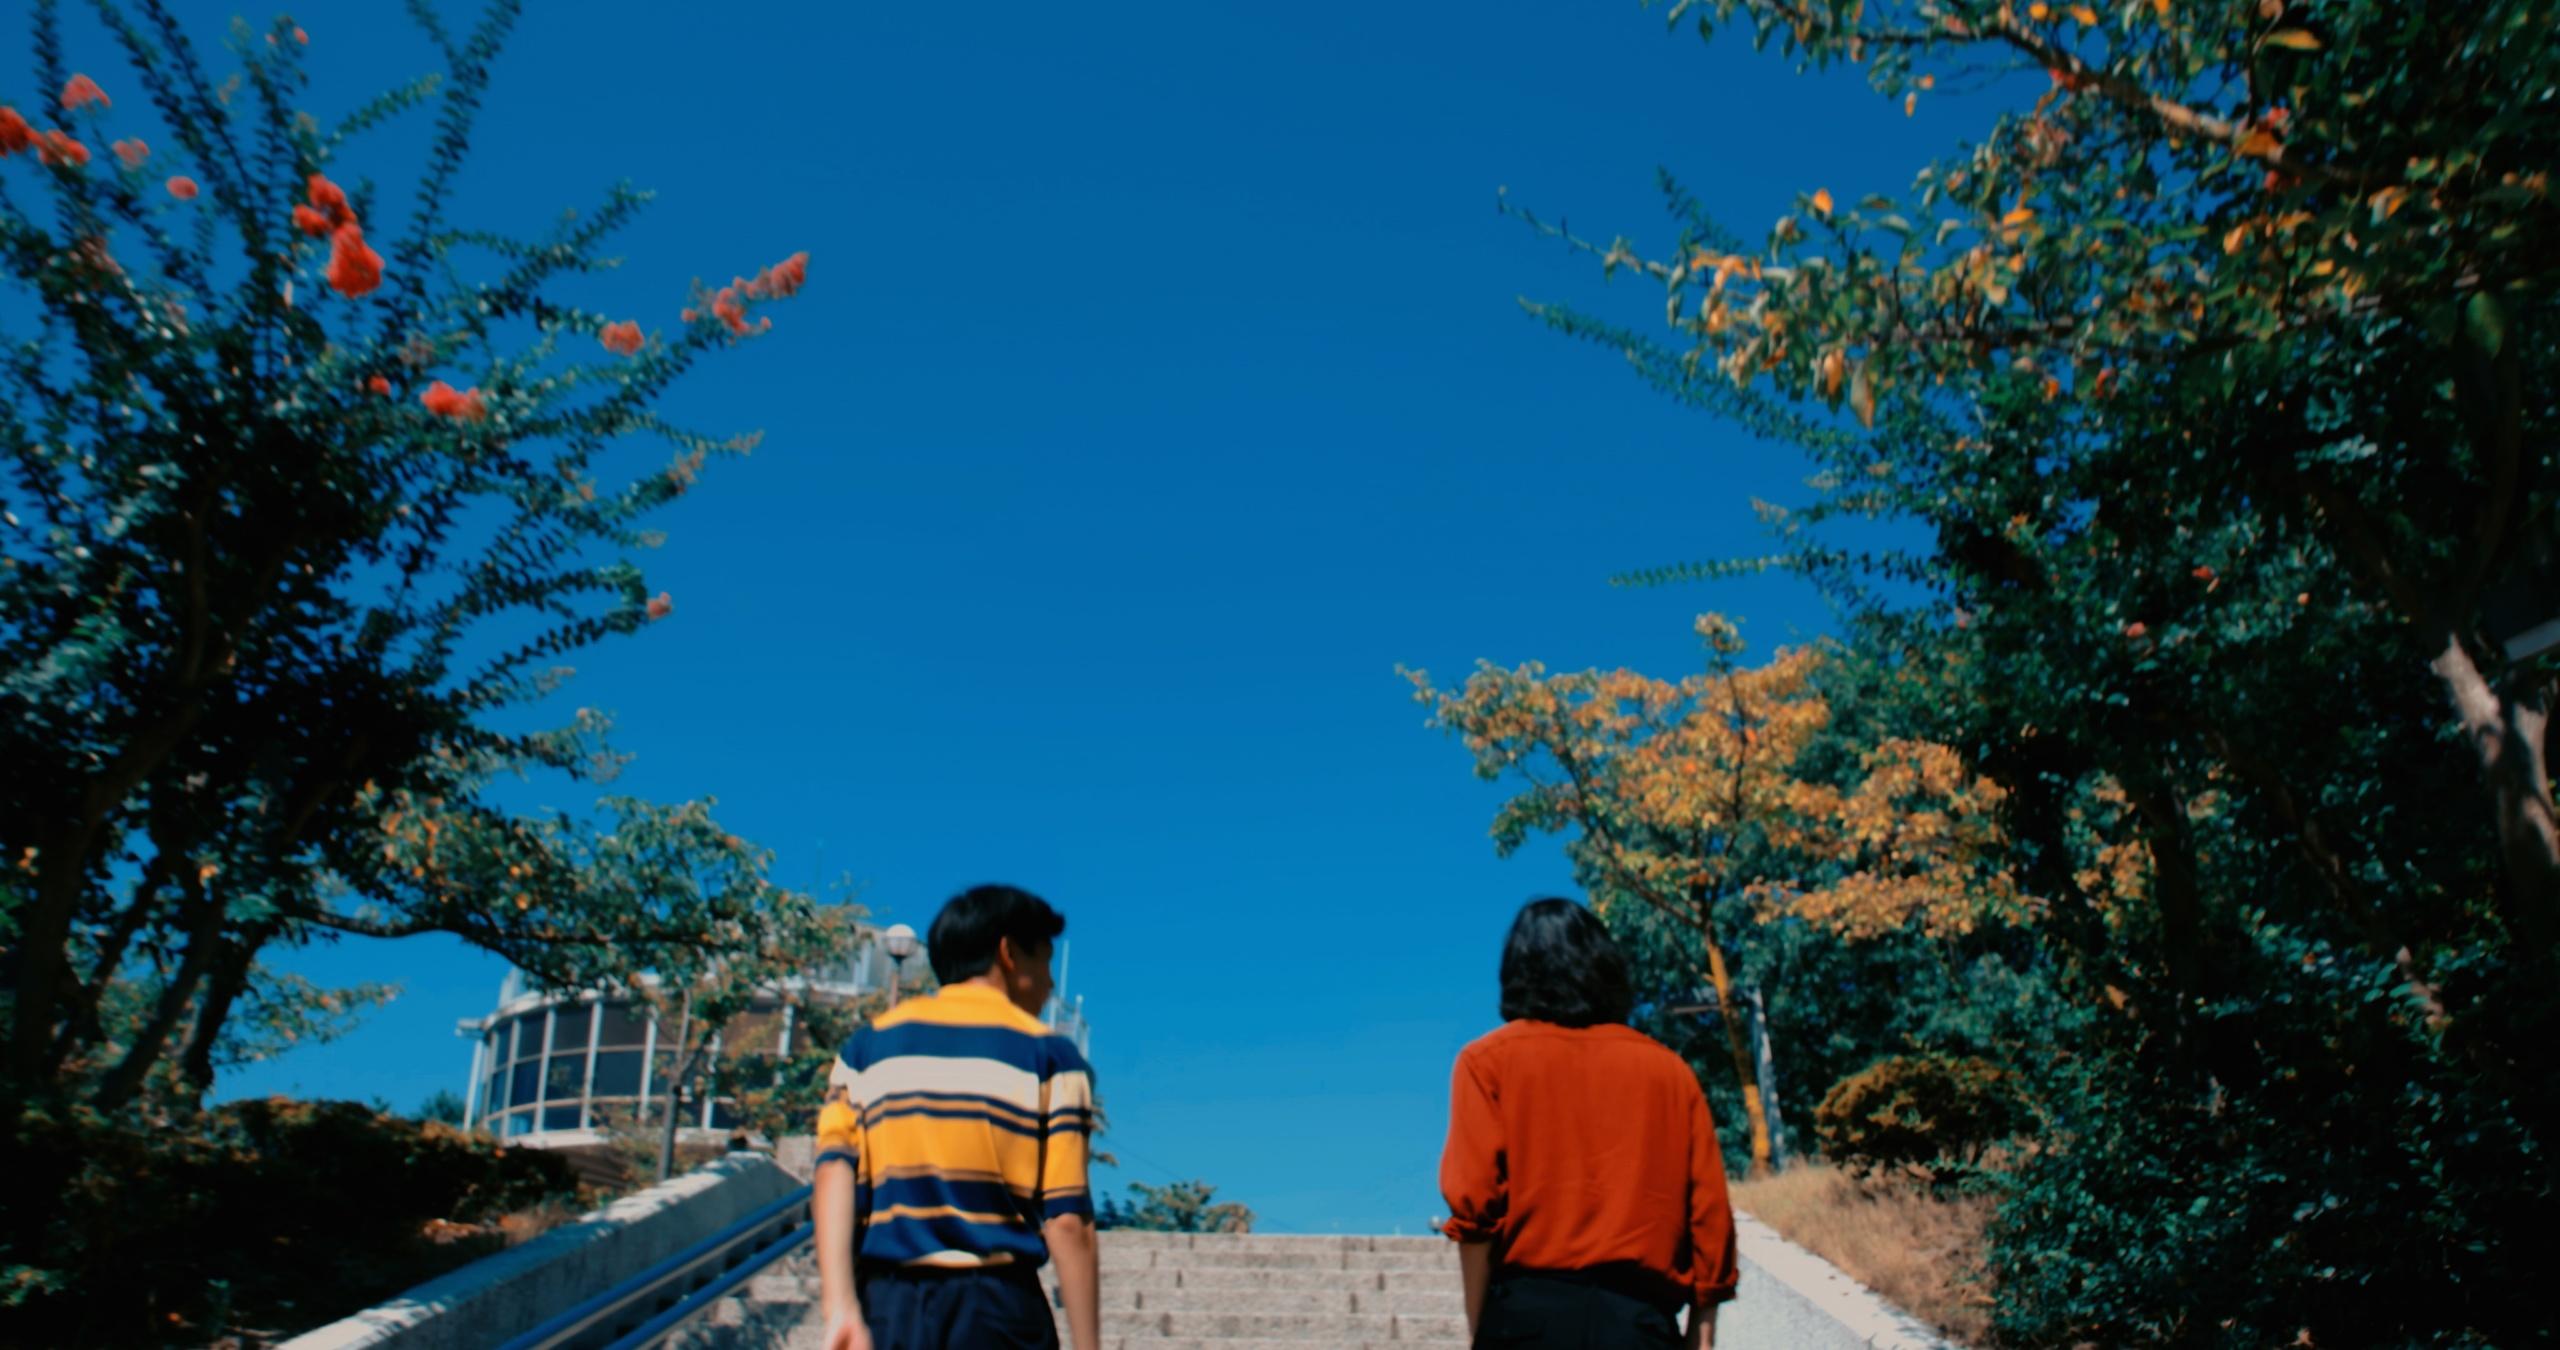 【インタビュー】俳優で映画監督の須藤蓮さん:THE KNOT アーティスト応援企画 Vol.2 映画「逆光」